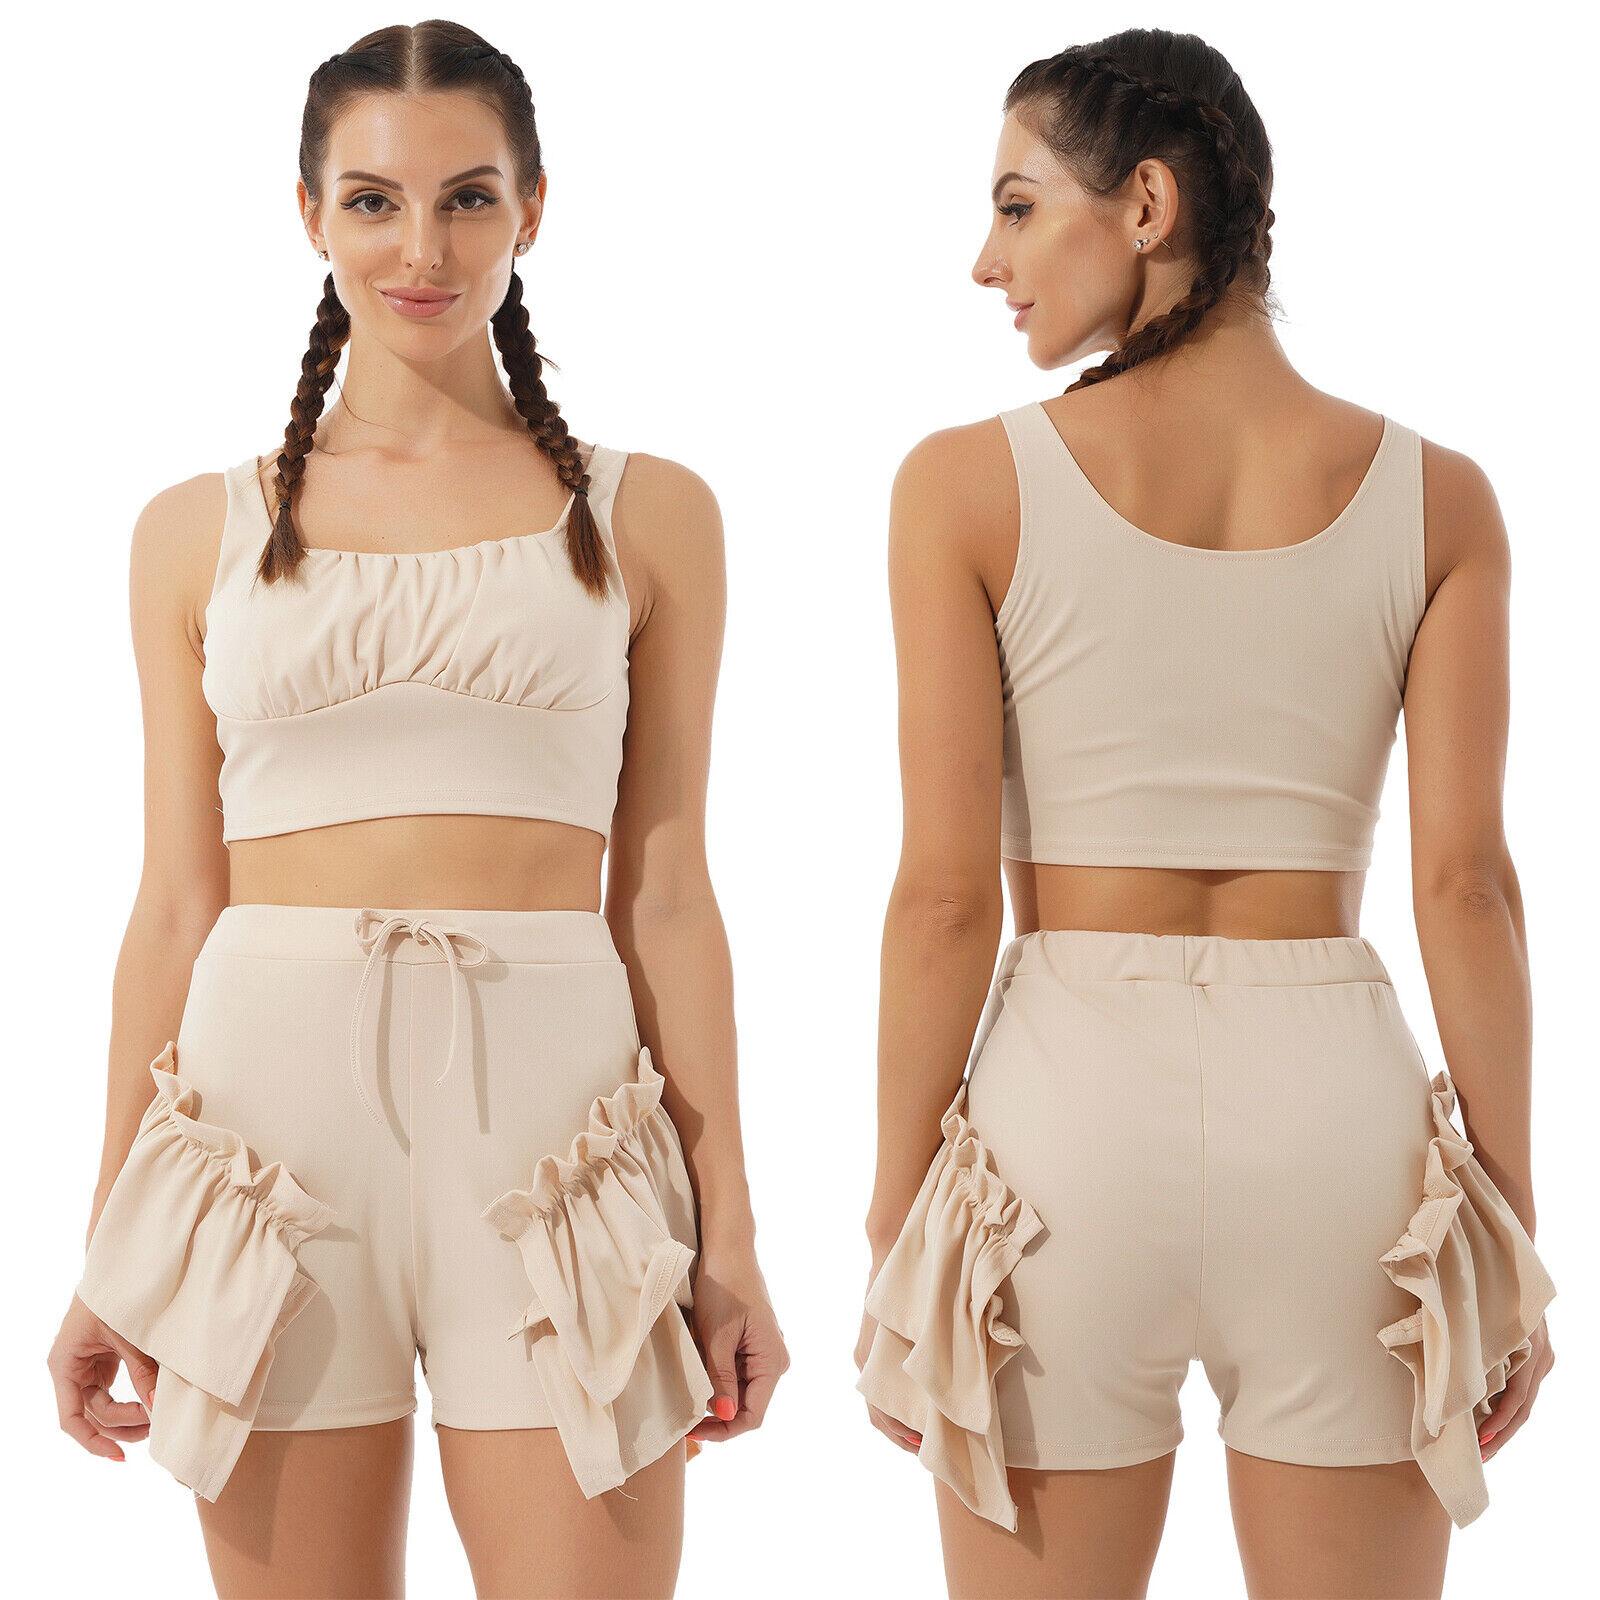 2 Pcs Damen Sommerkleidung Set Tank Top Shorts mit Rüschen Hosen Anzug Gym Sport